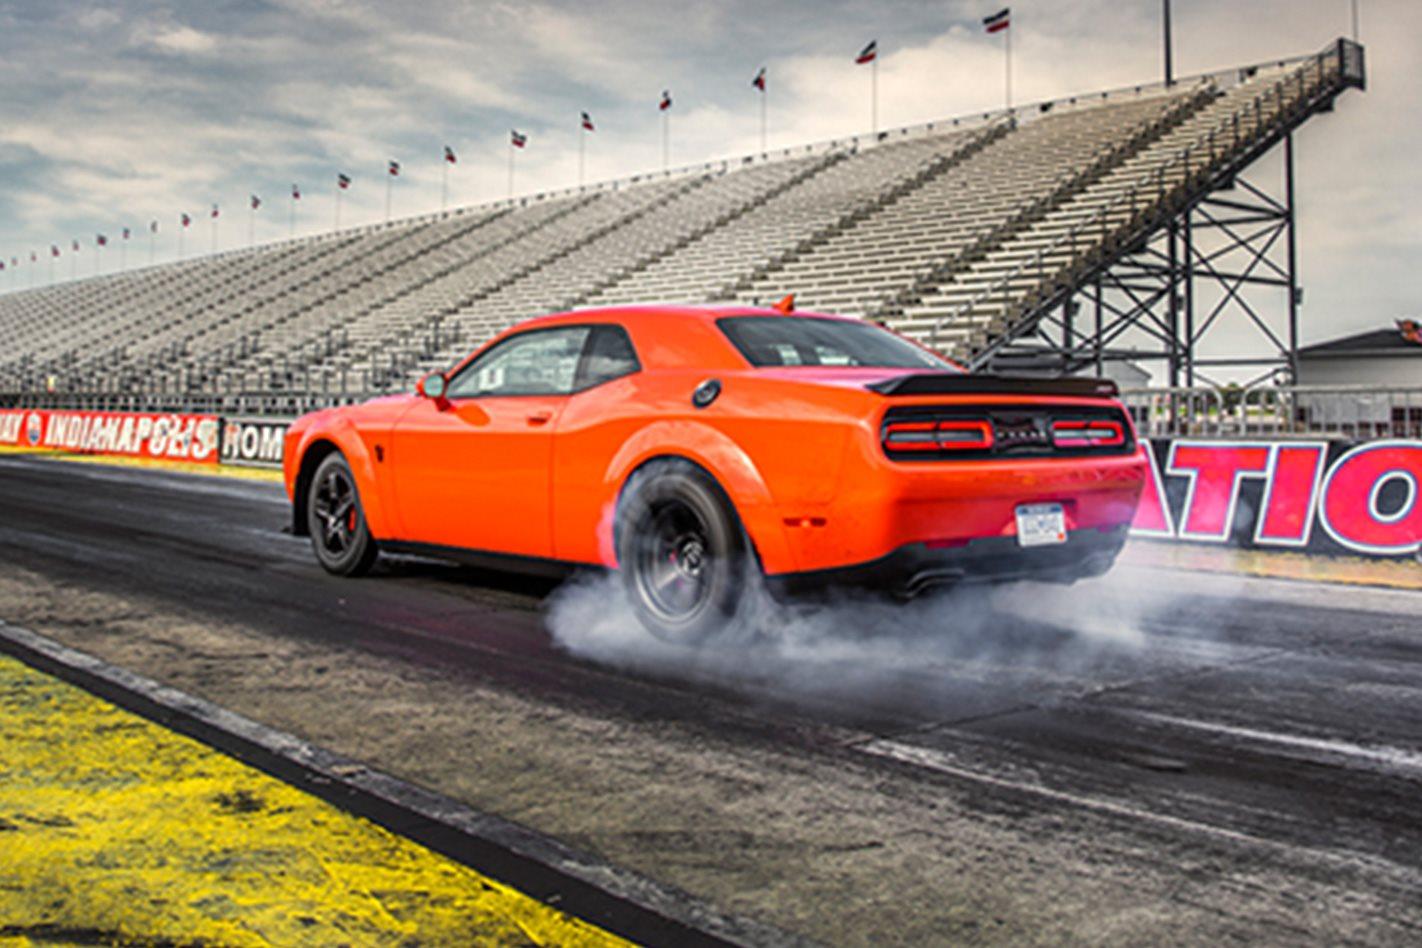 2018 Dodge Challenger SRT Demon revving